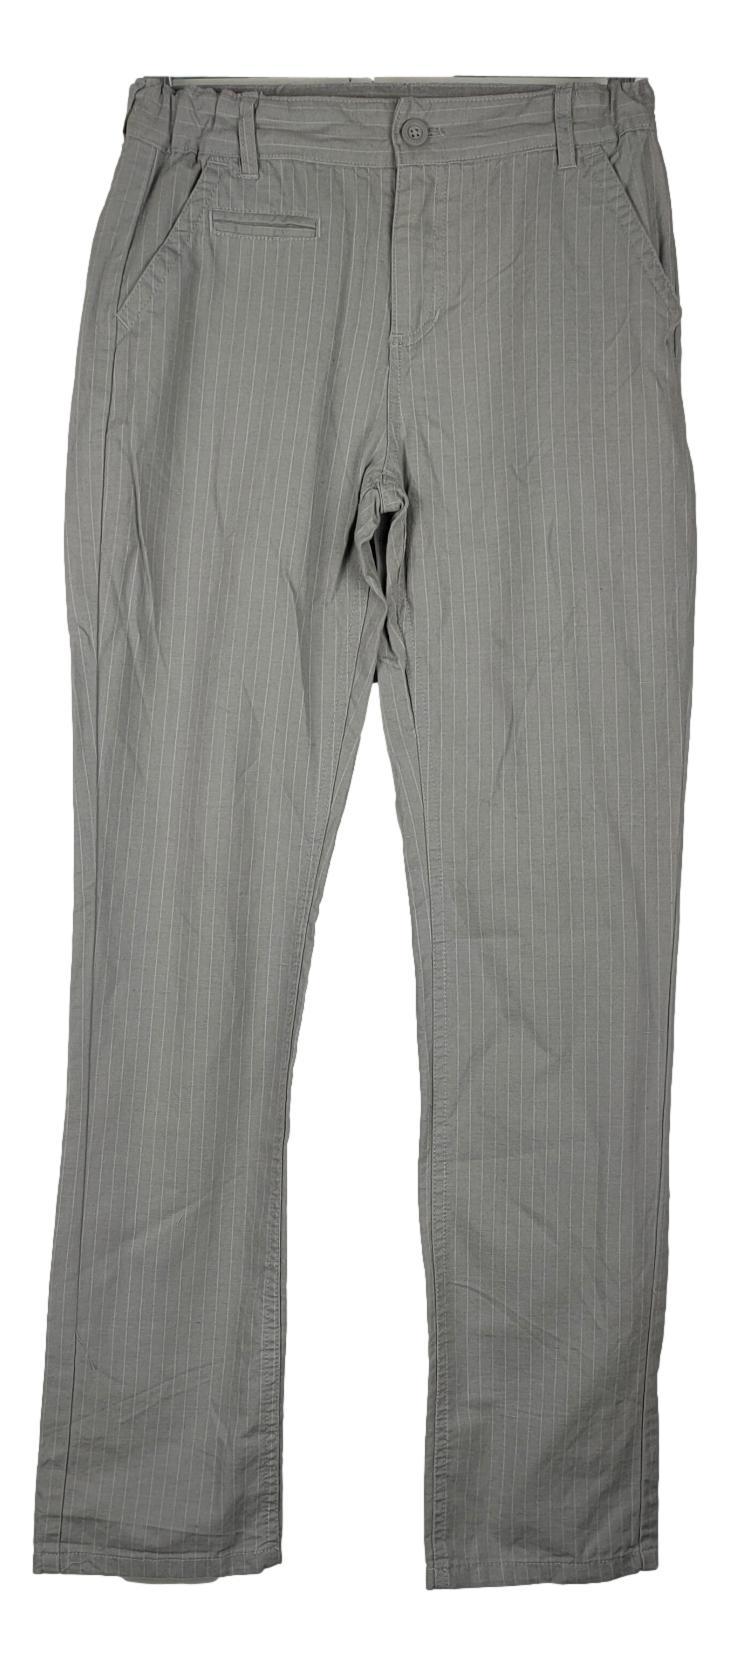 Pantalon Vertbaudet - Taille 12 ans